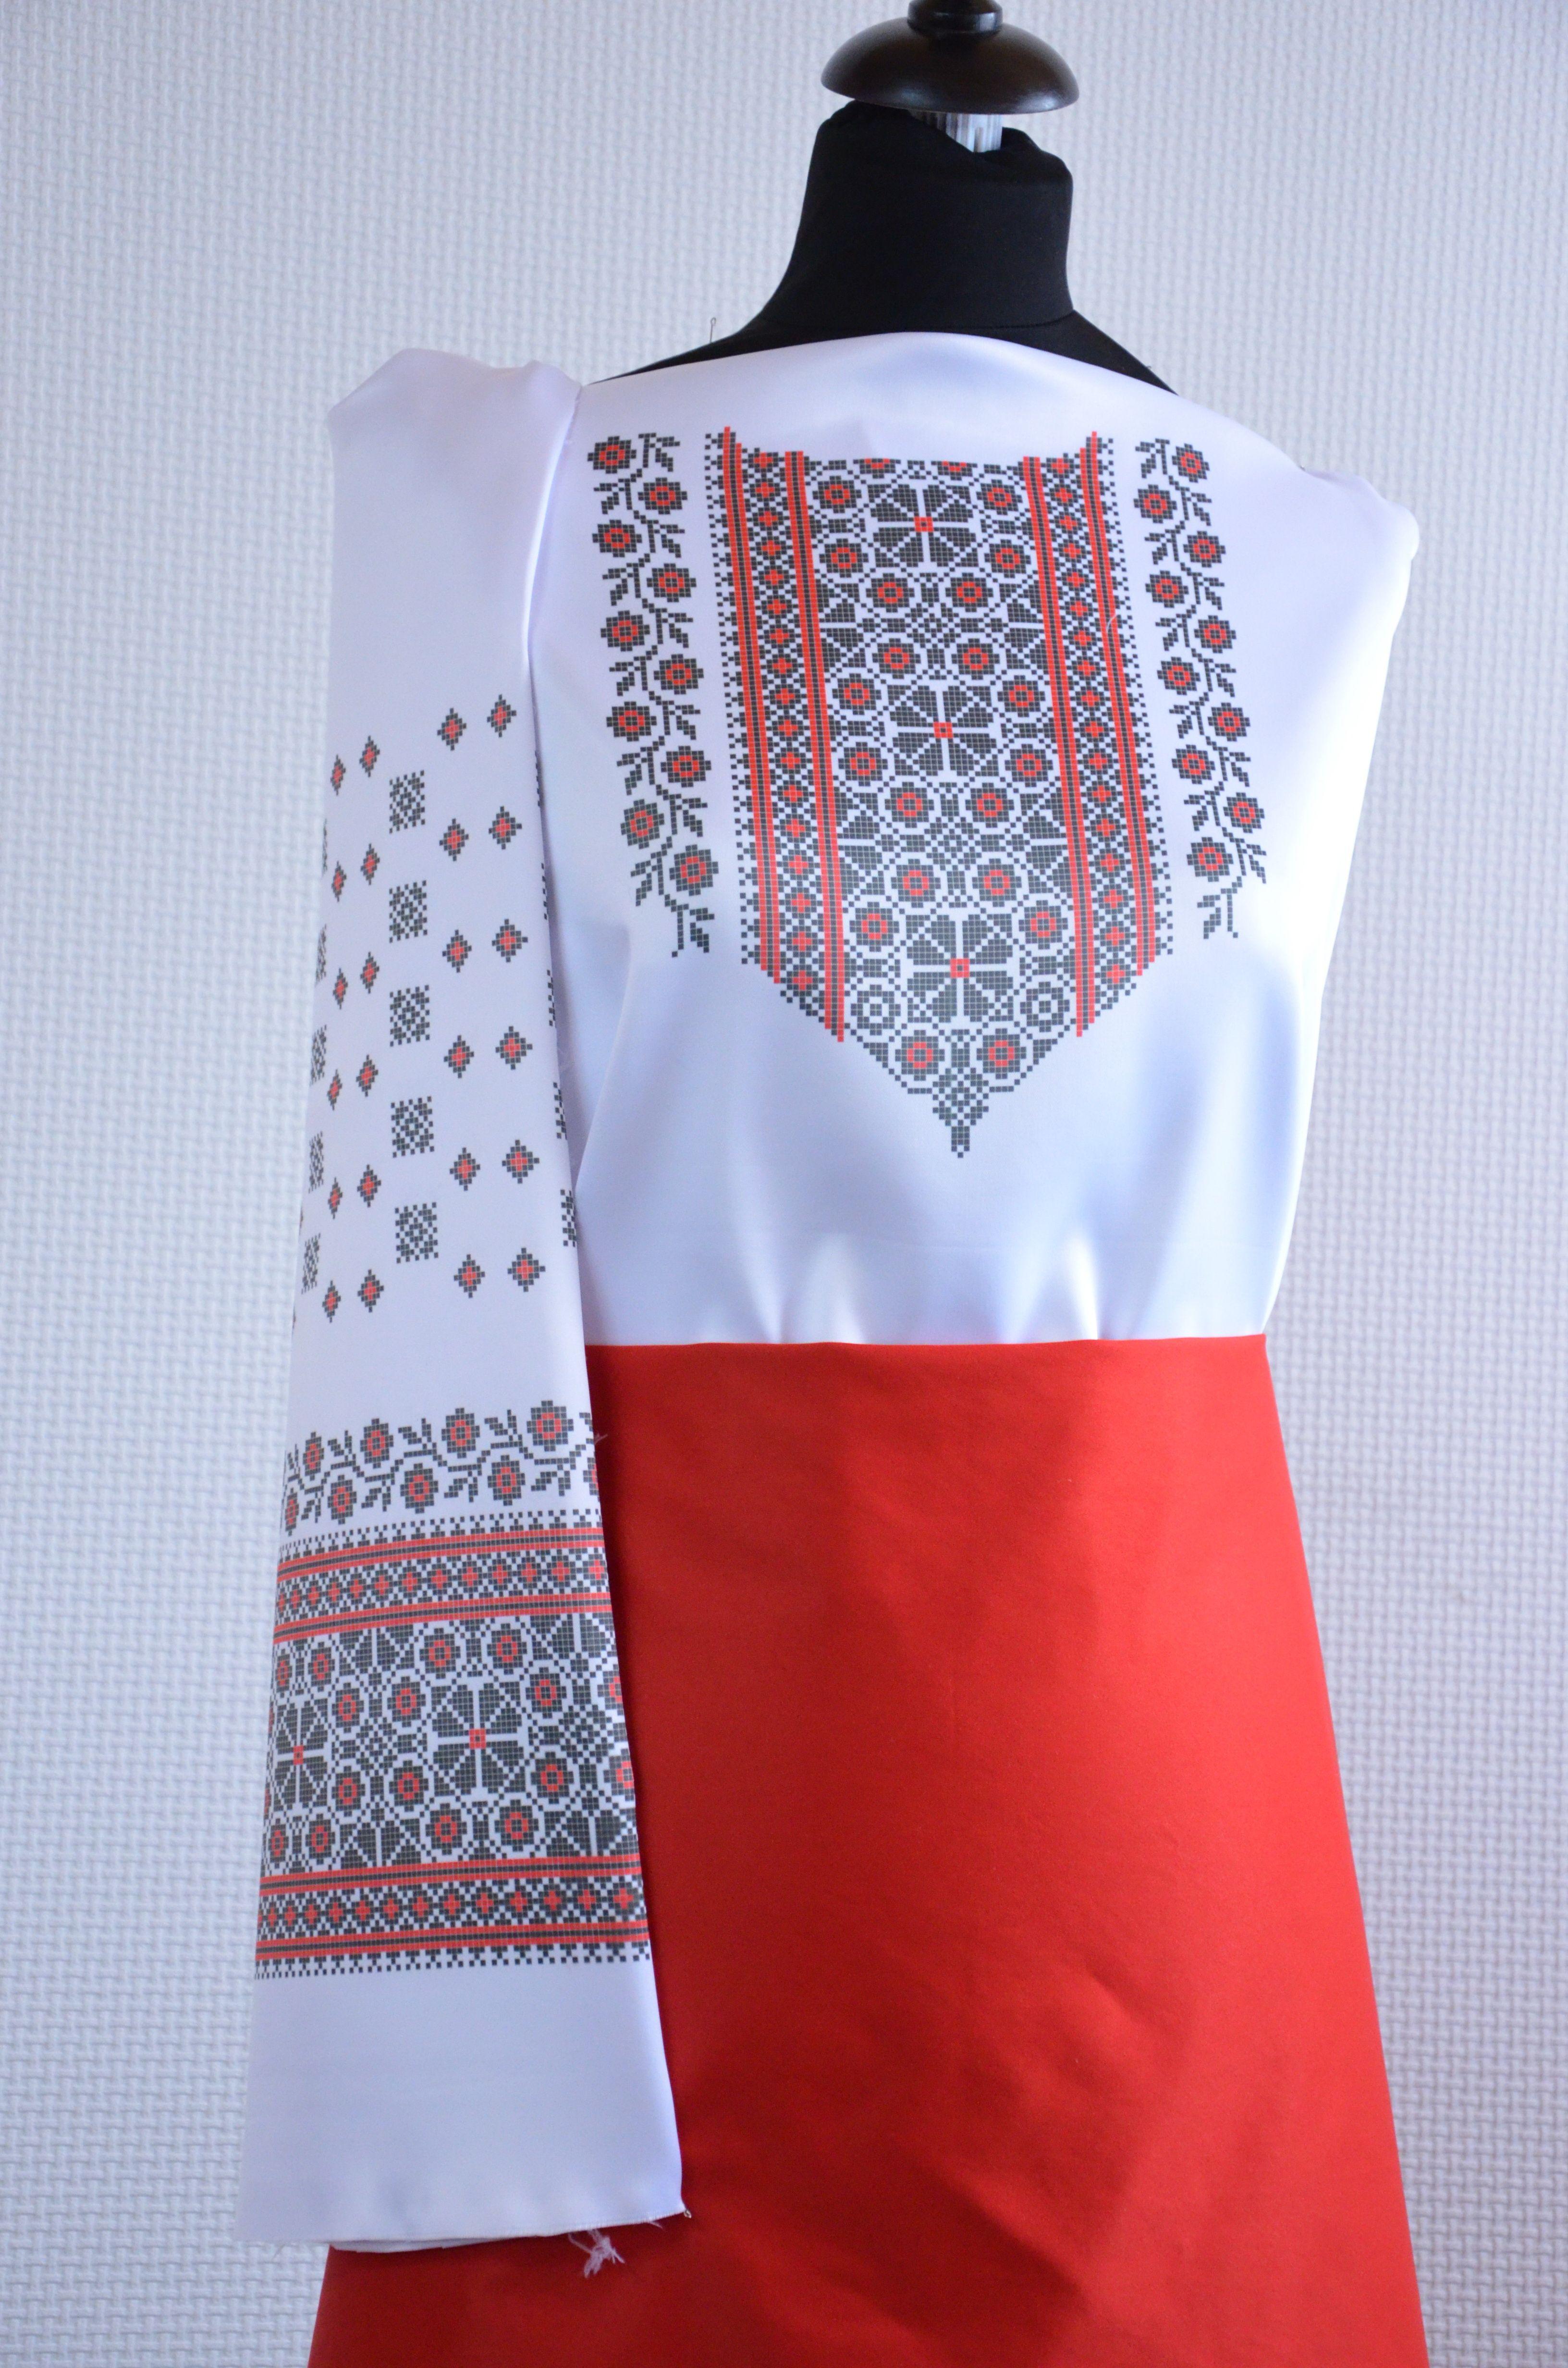 Схеми для вишивки жіночих сорочок СЖ-16 - Товари - Схеми для вишивки  бісером 24ebe97748d71